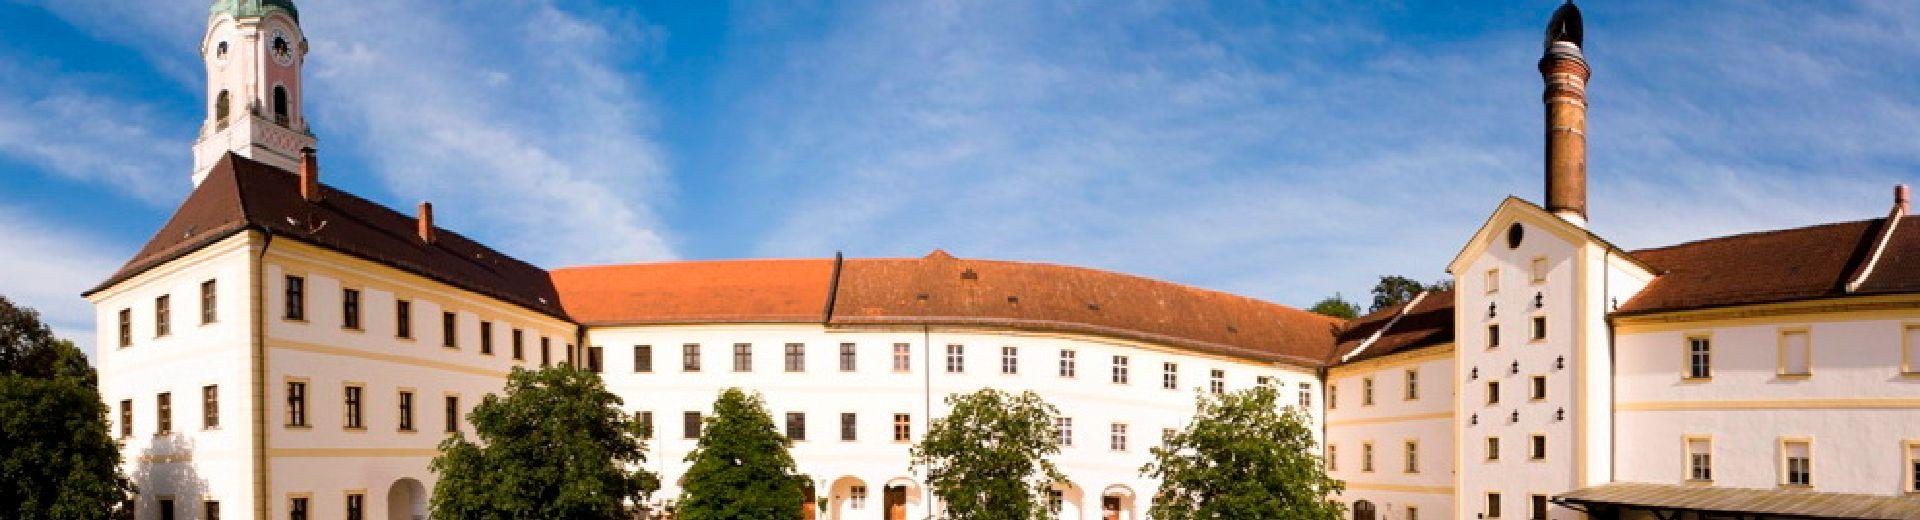 Kloster Aldersbach